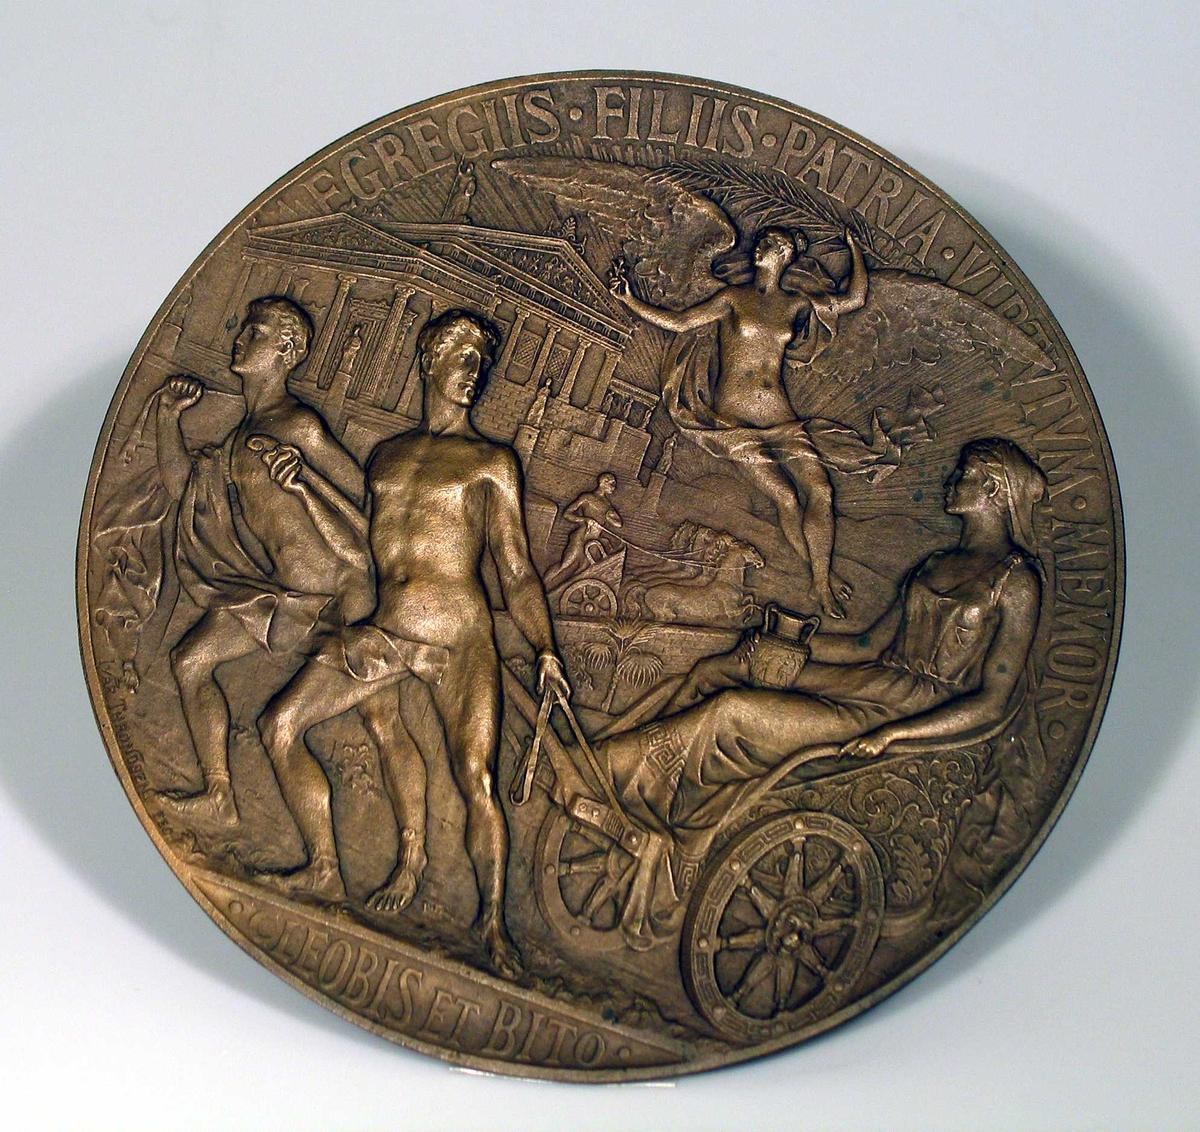 Rundt bronserelieff som forestiller Cleobis et Bito. Hempe bak.